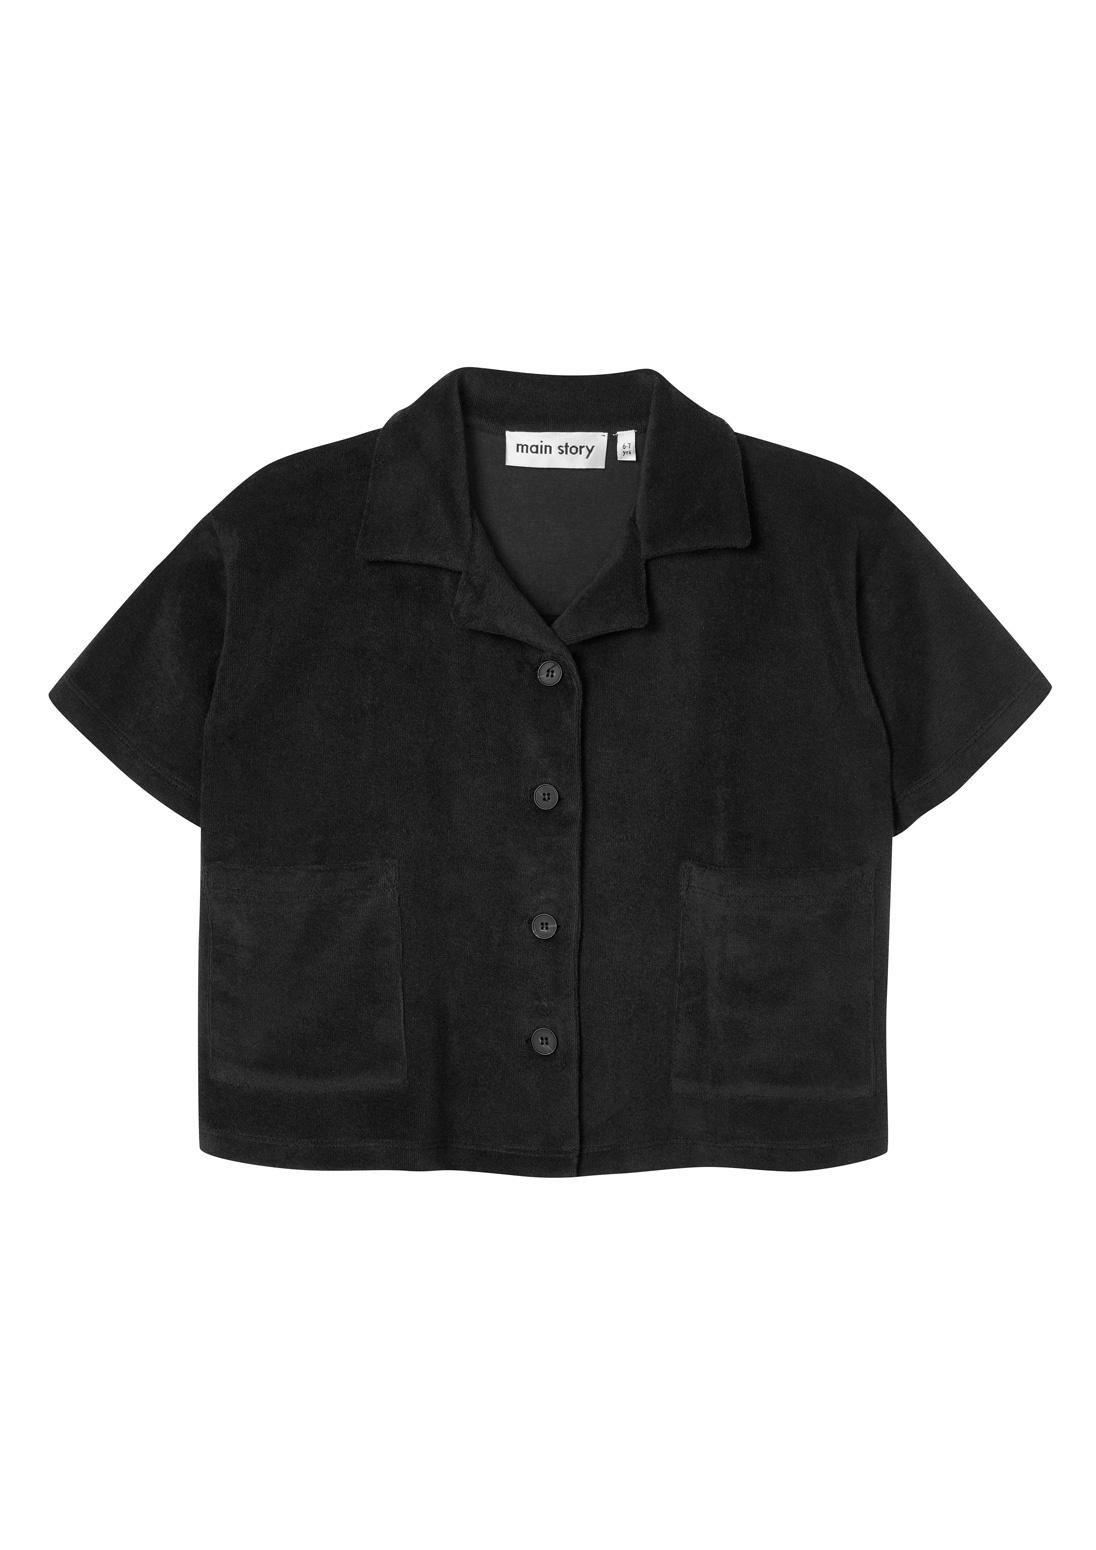 Boxy shirt - Phantom-1